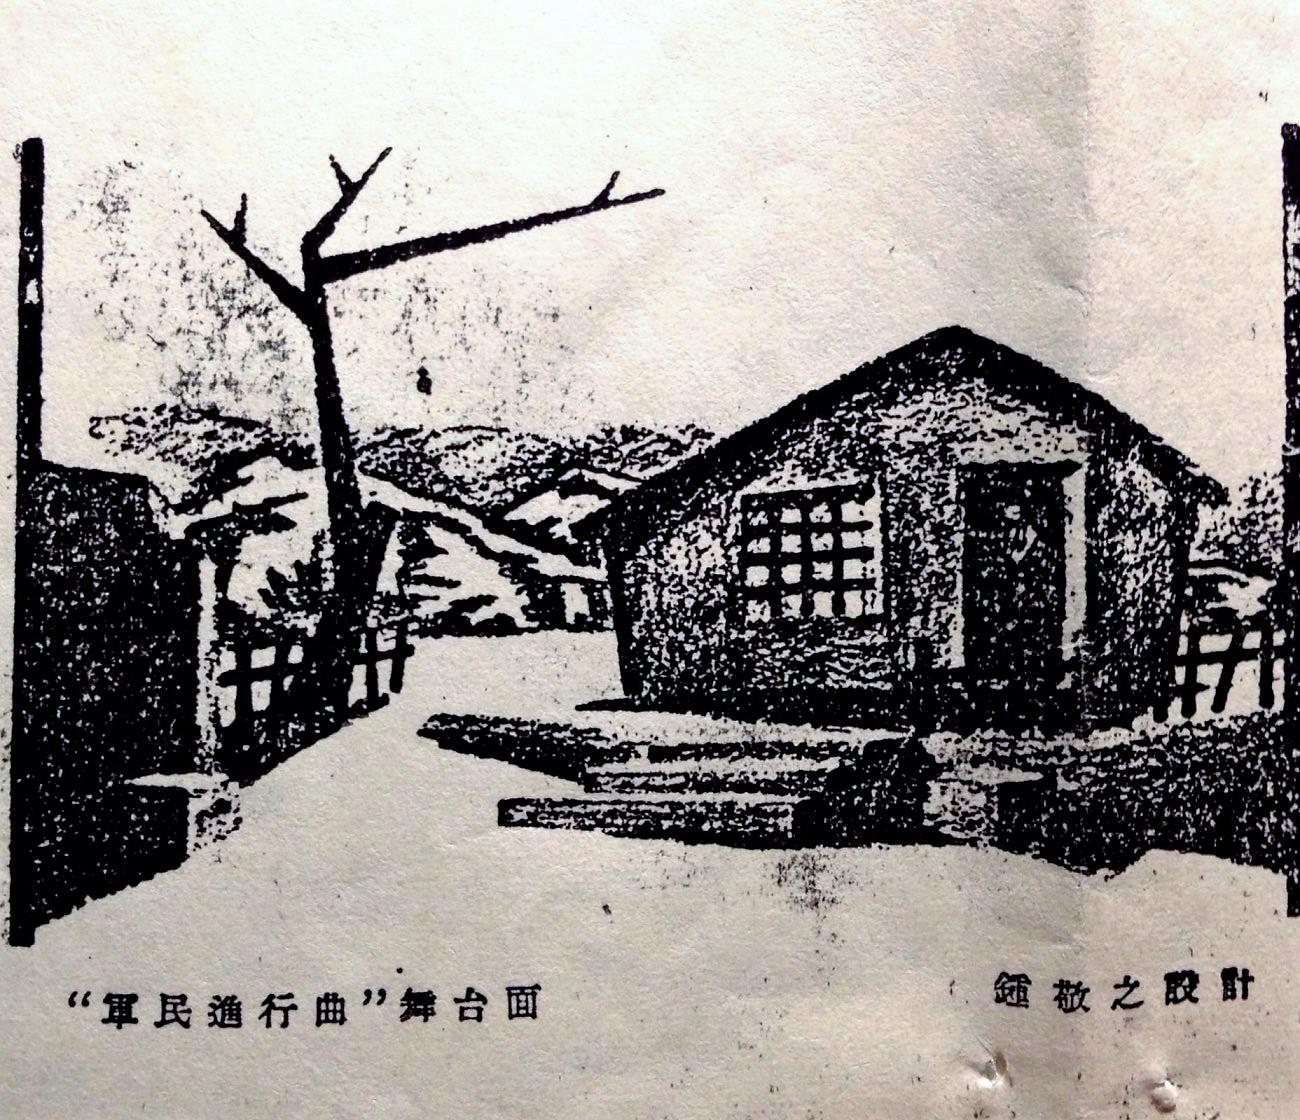 《軍民進行曲》舞台設計由鐘敬之擔任,有遠山、近景、樹和籬笆。